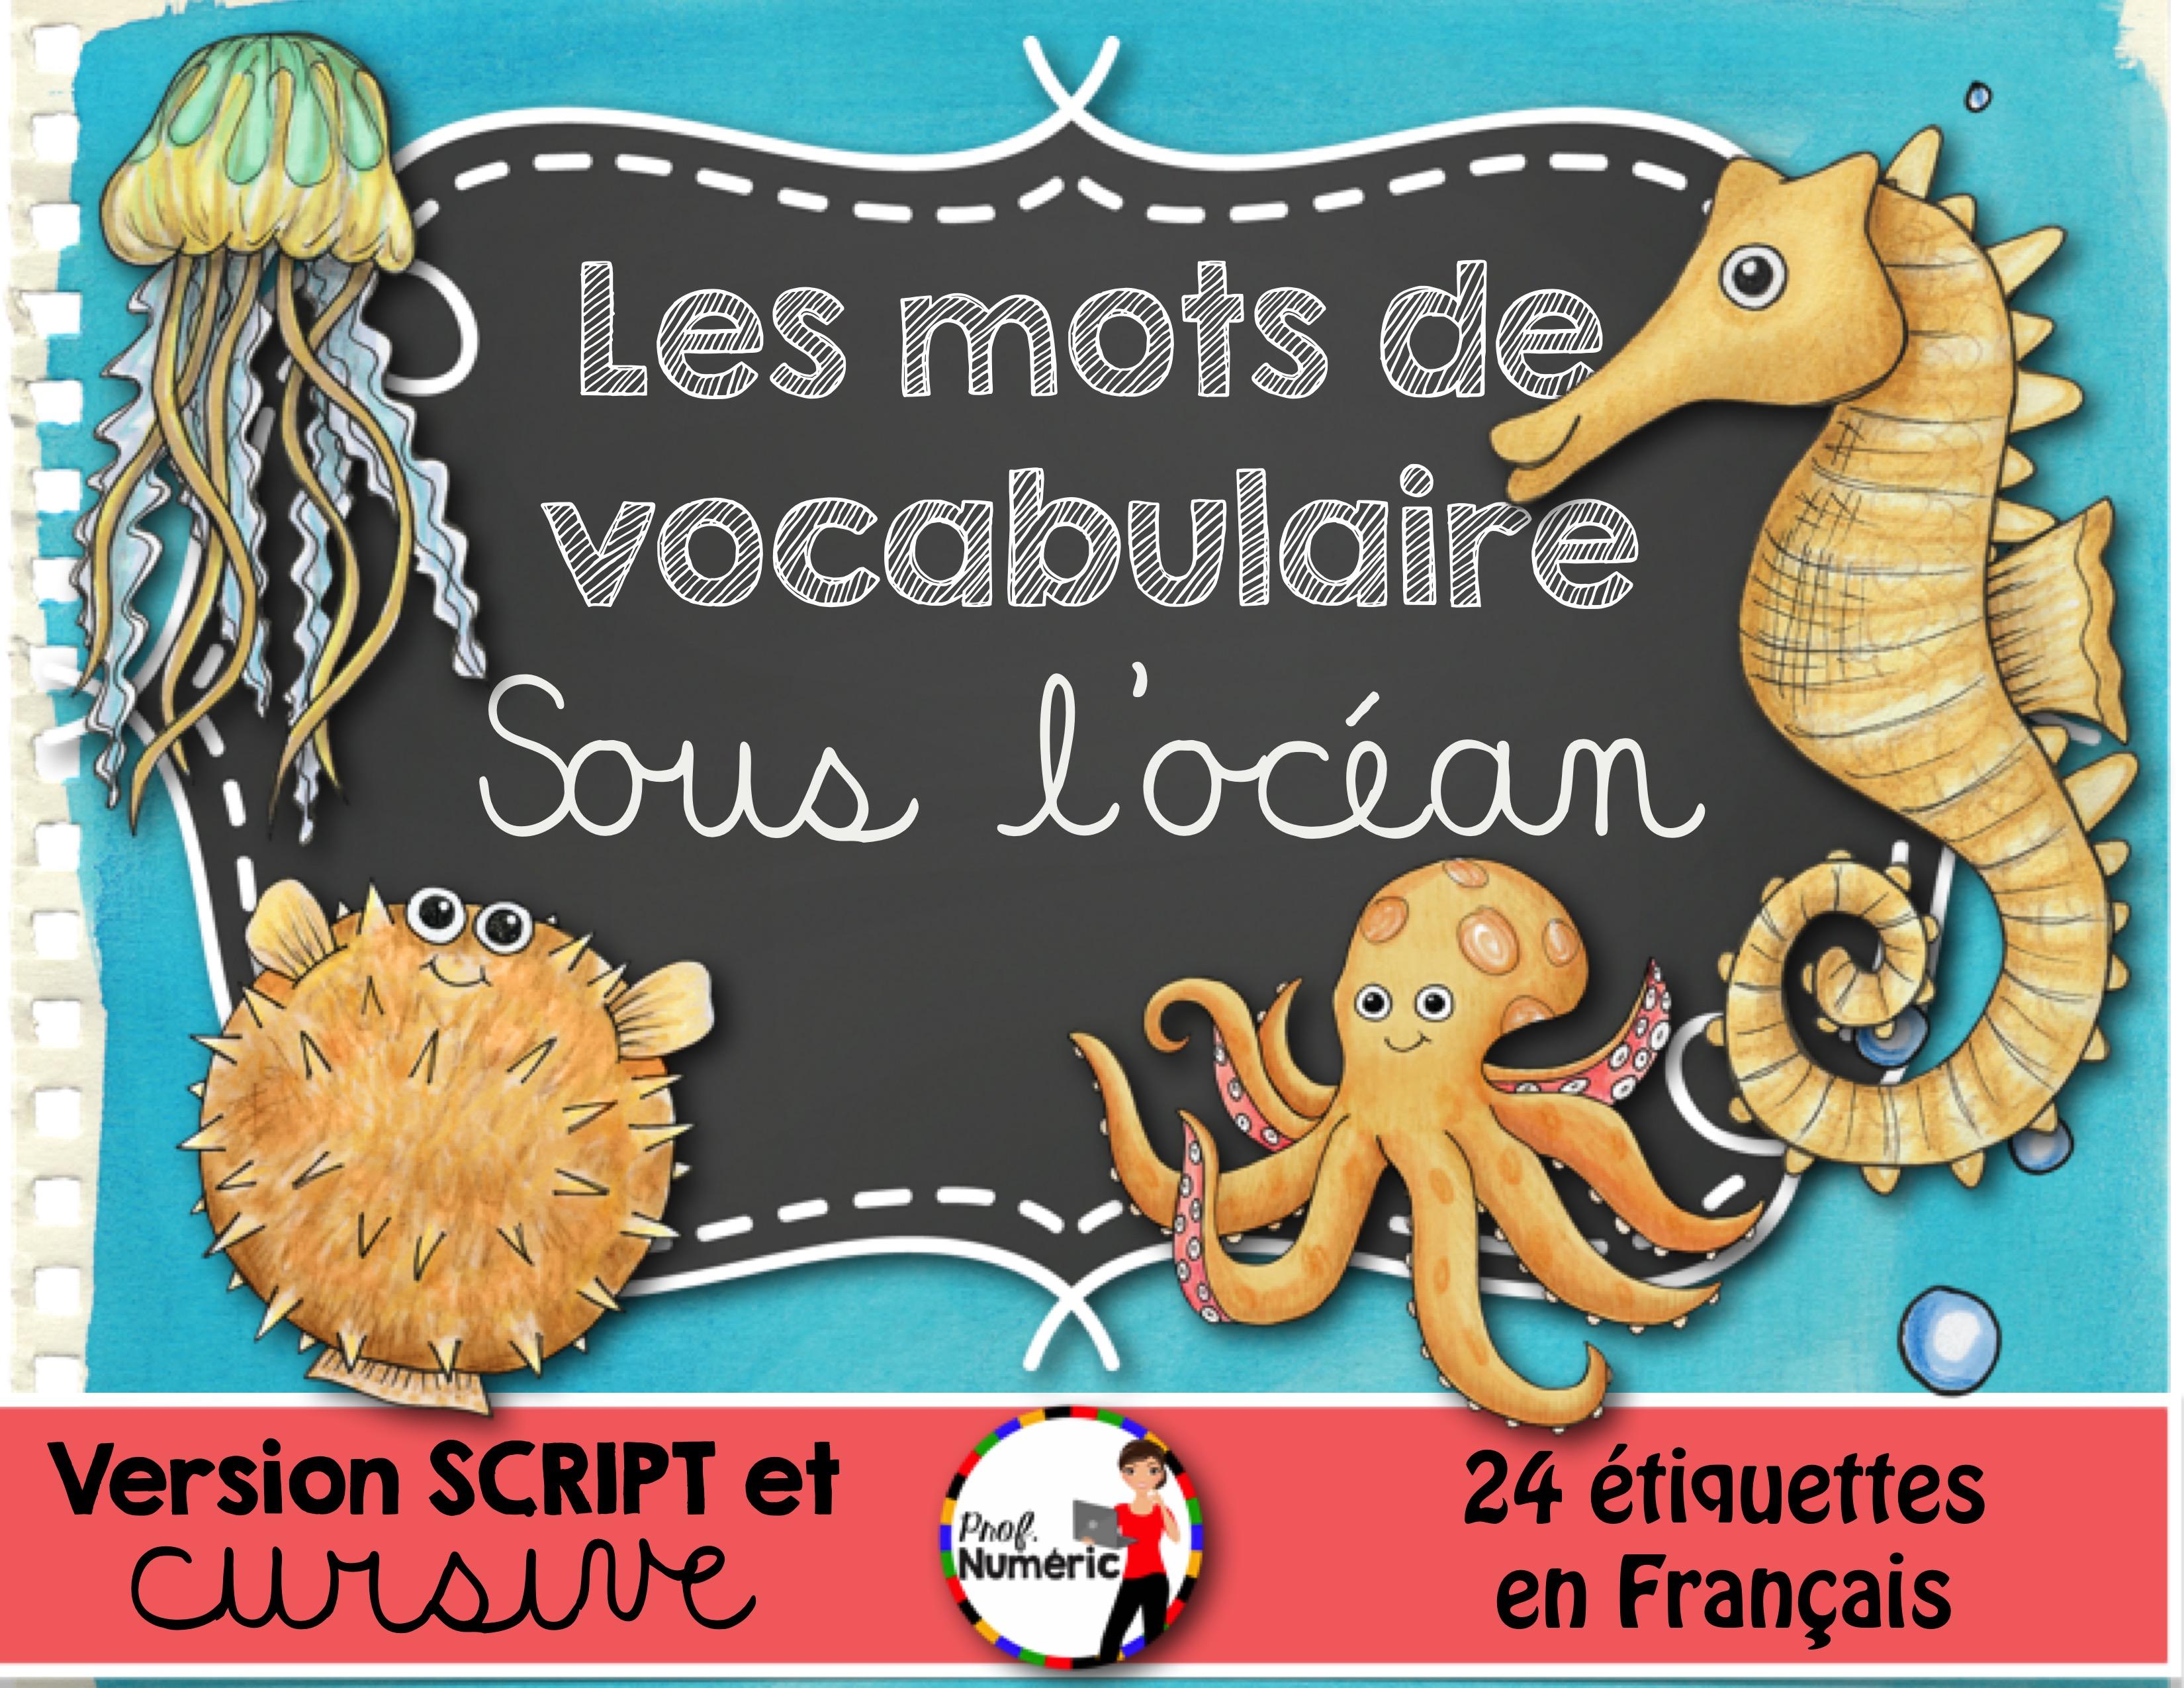 SOUS L'OCÉAN – Mots-étiquettes (script et cursif)